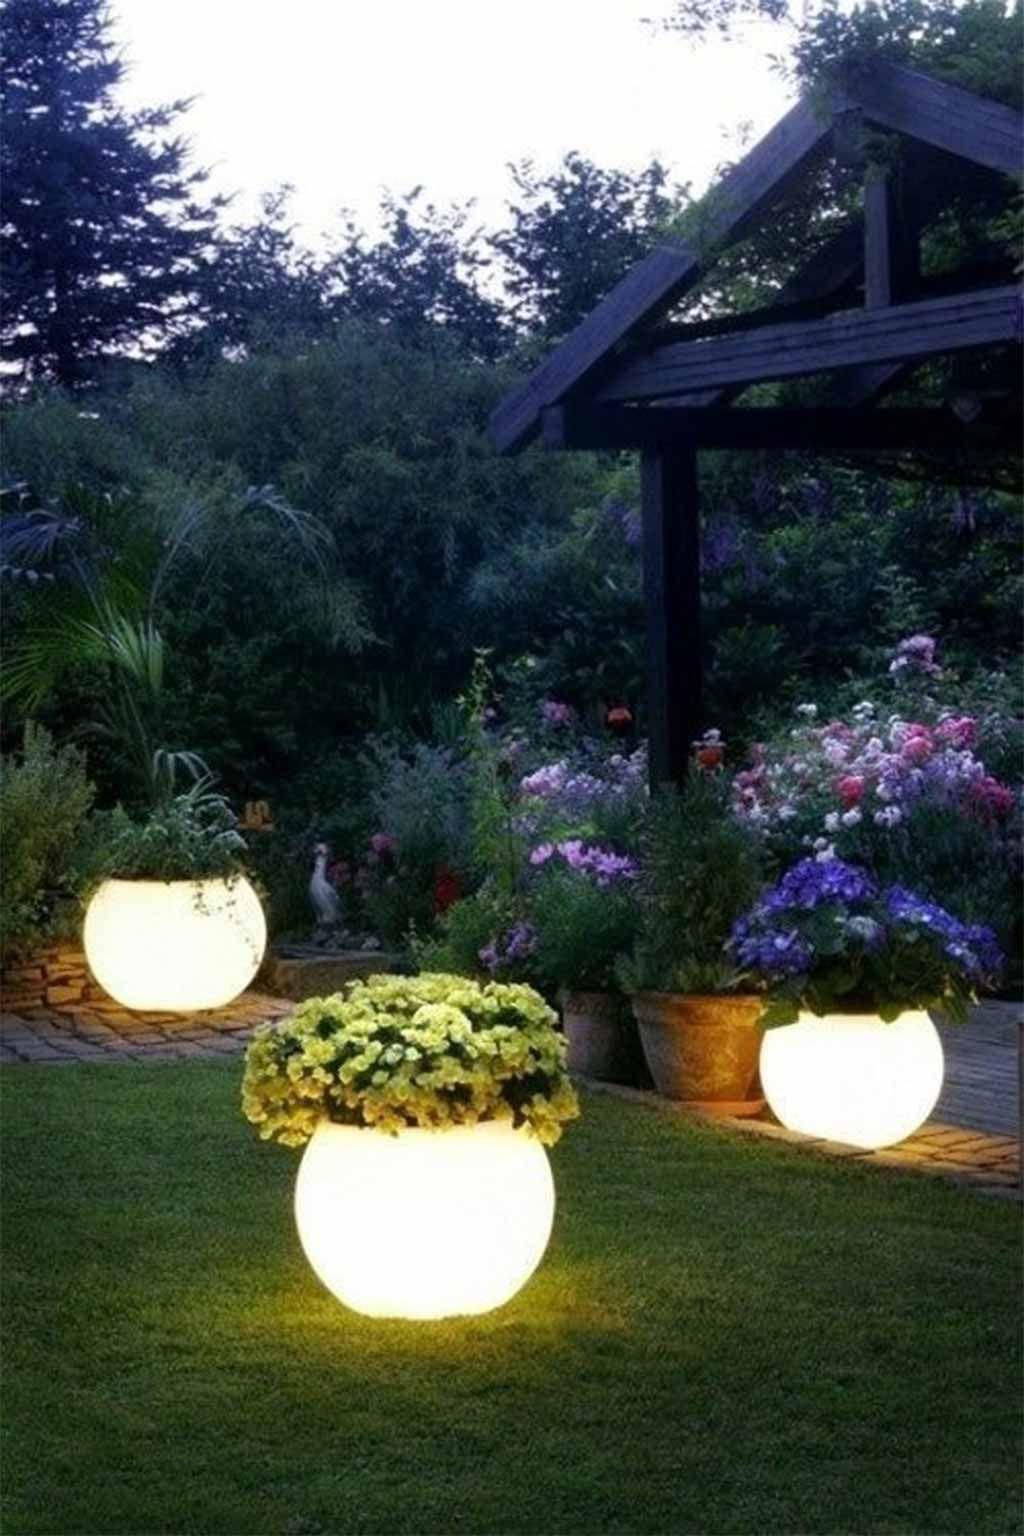 Lampu Taman Unik Menarik Di 2020 Pot Tanam Pertamanan Belakang Rumah Taman